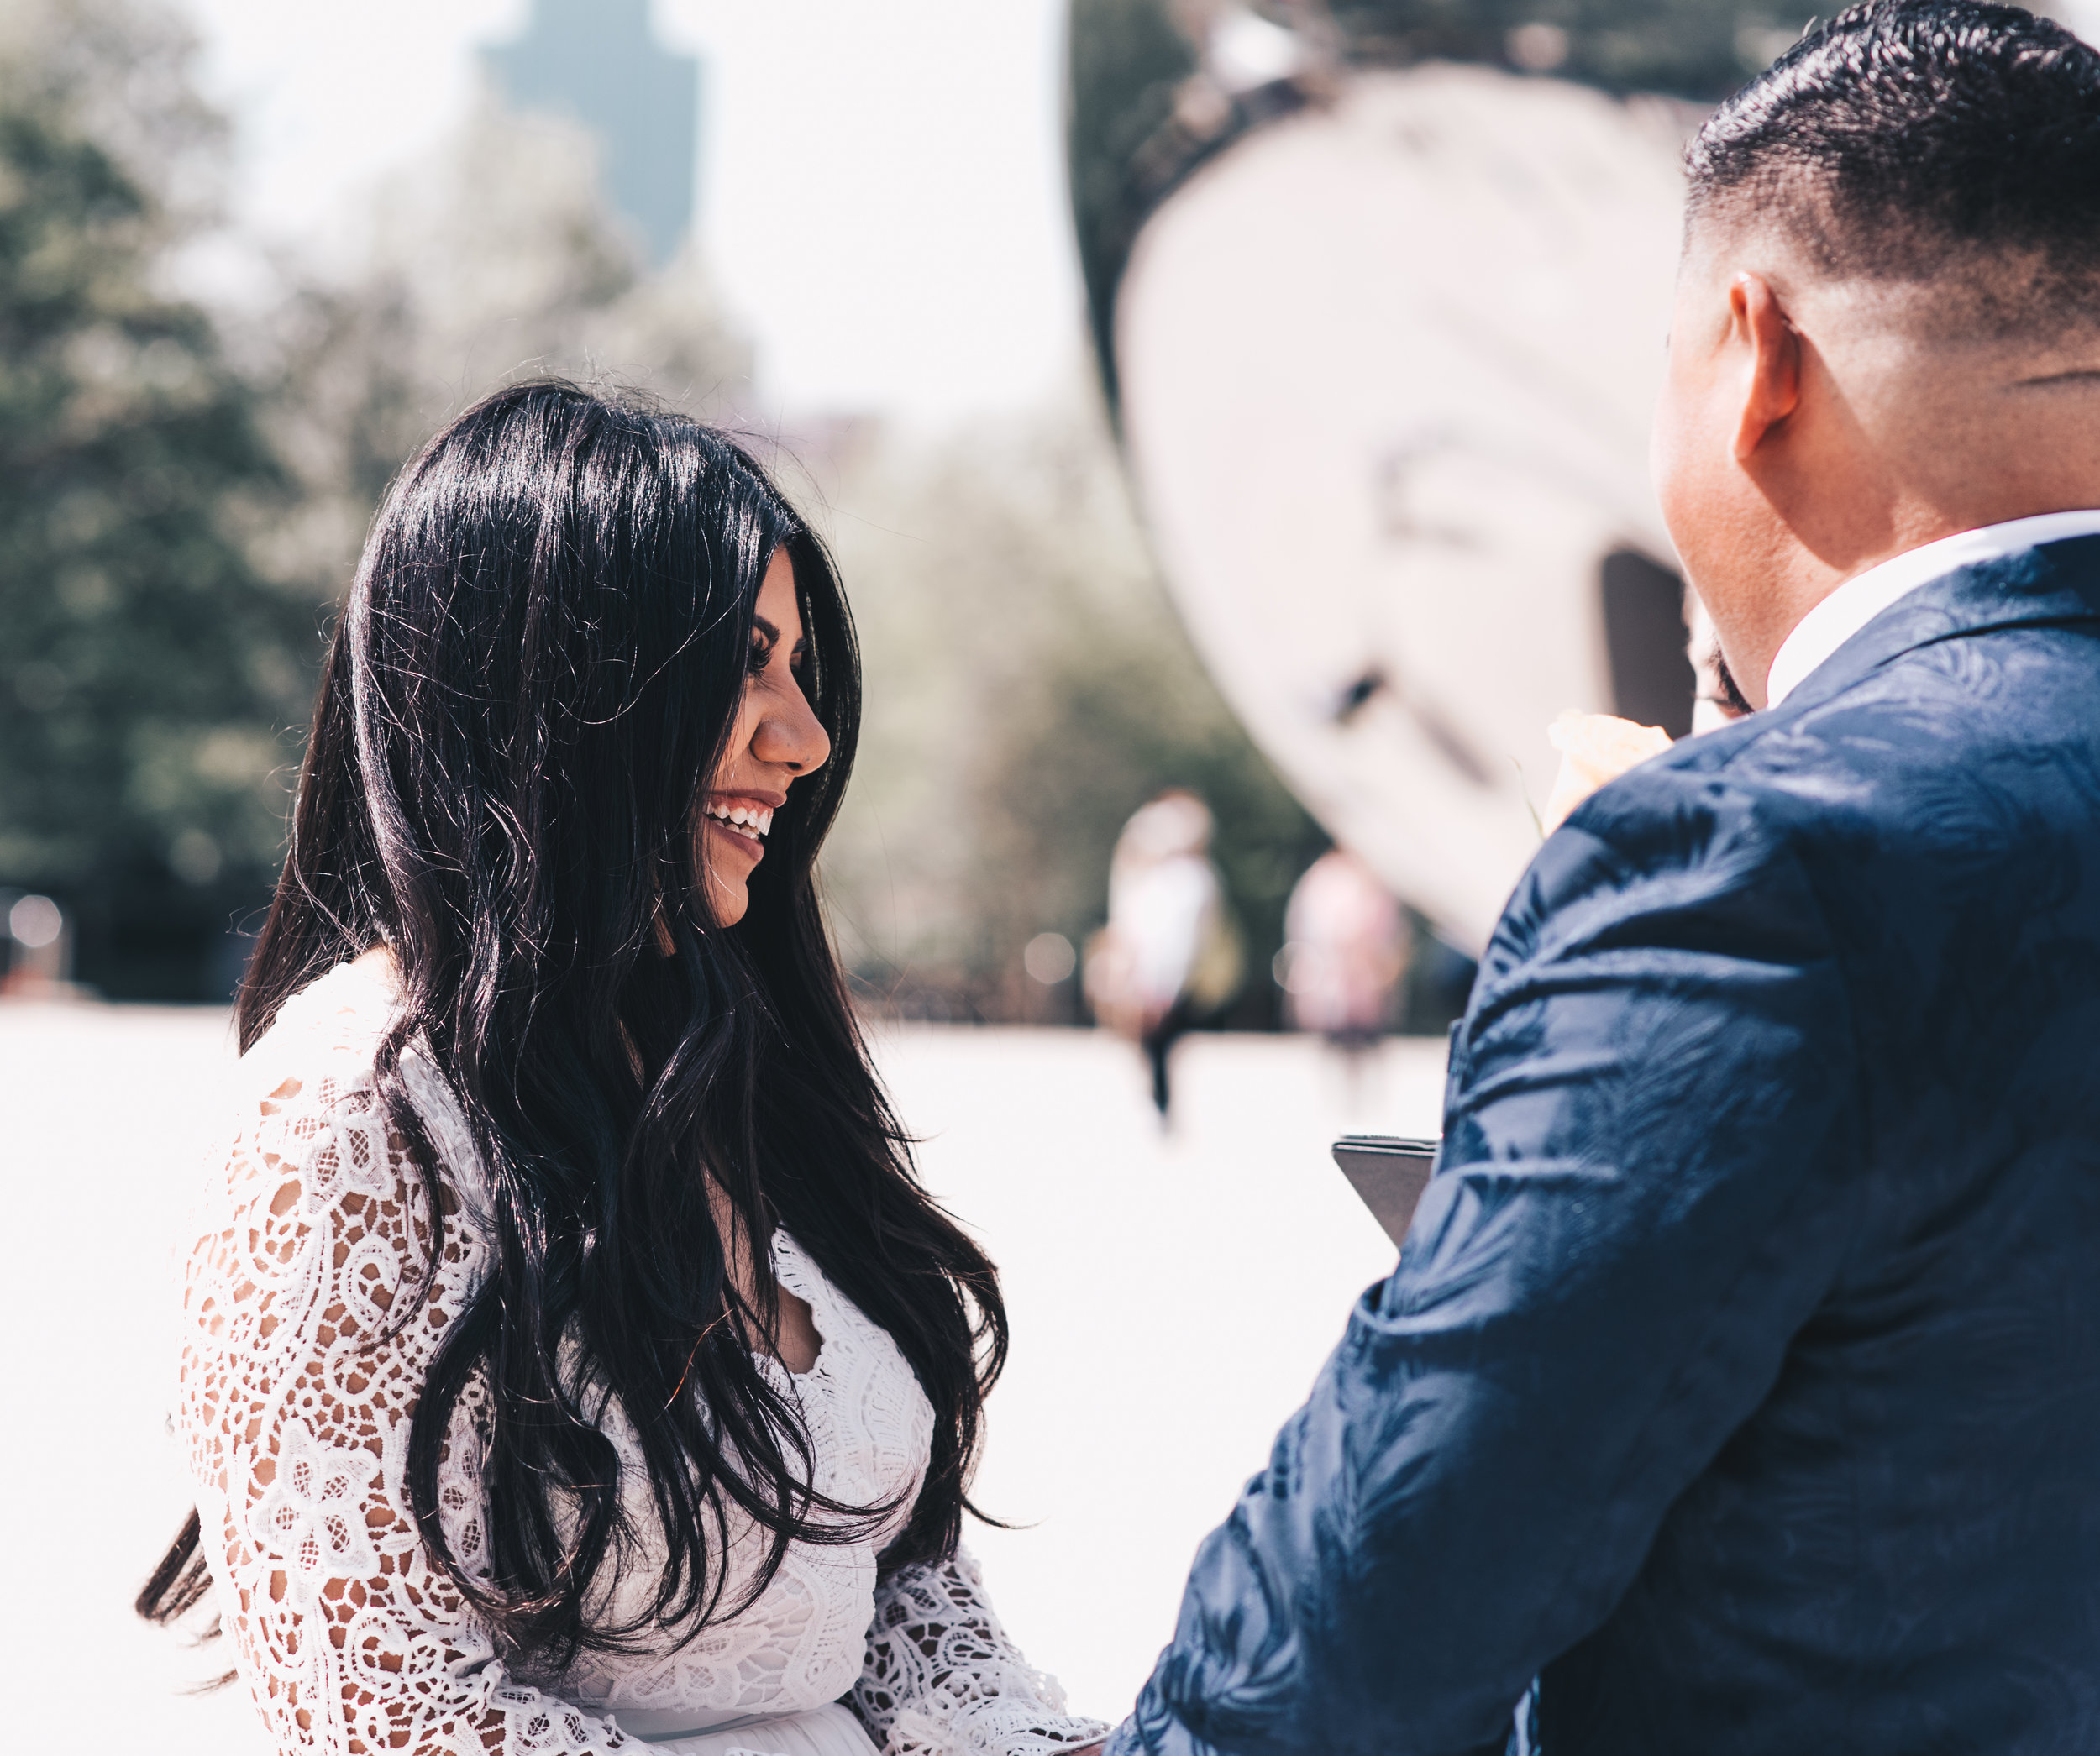 Chicago Elopement, Millennium Park Ceremony, Intimate Elopement, Destination Elopement, Bride and Groom Photos, Adventurous Elopement, Chicago Elopement Photographer